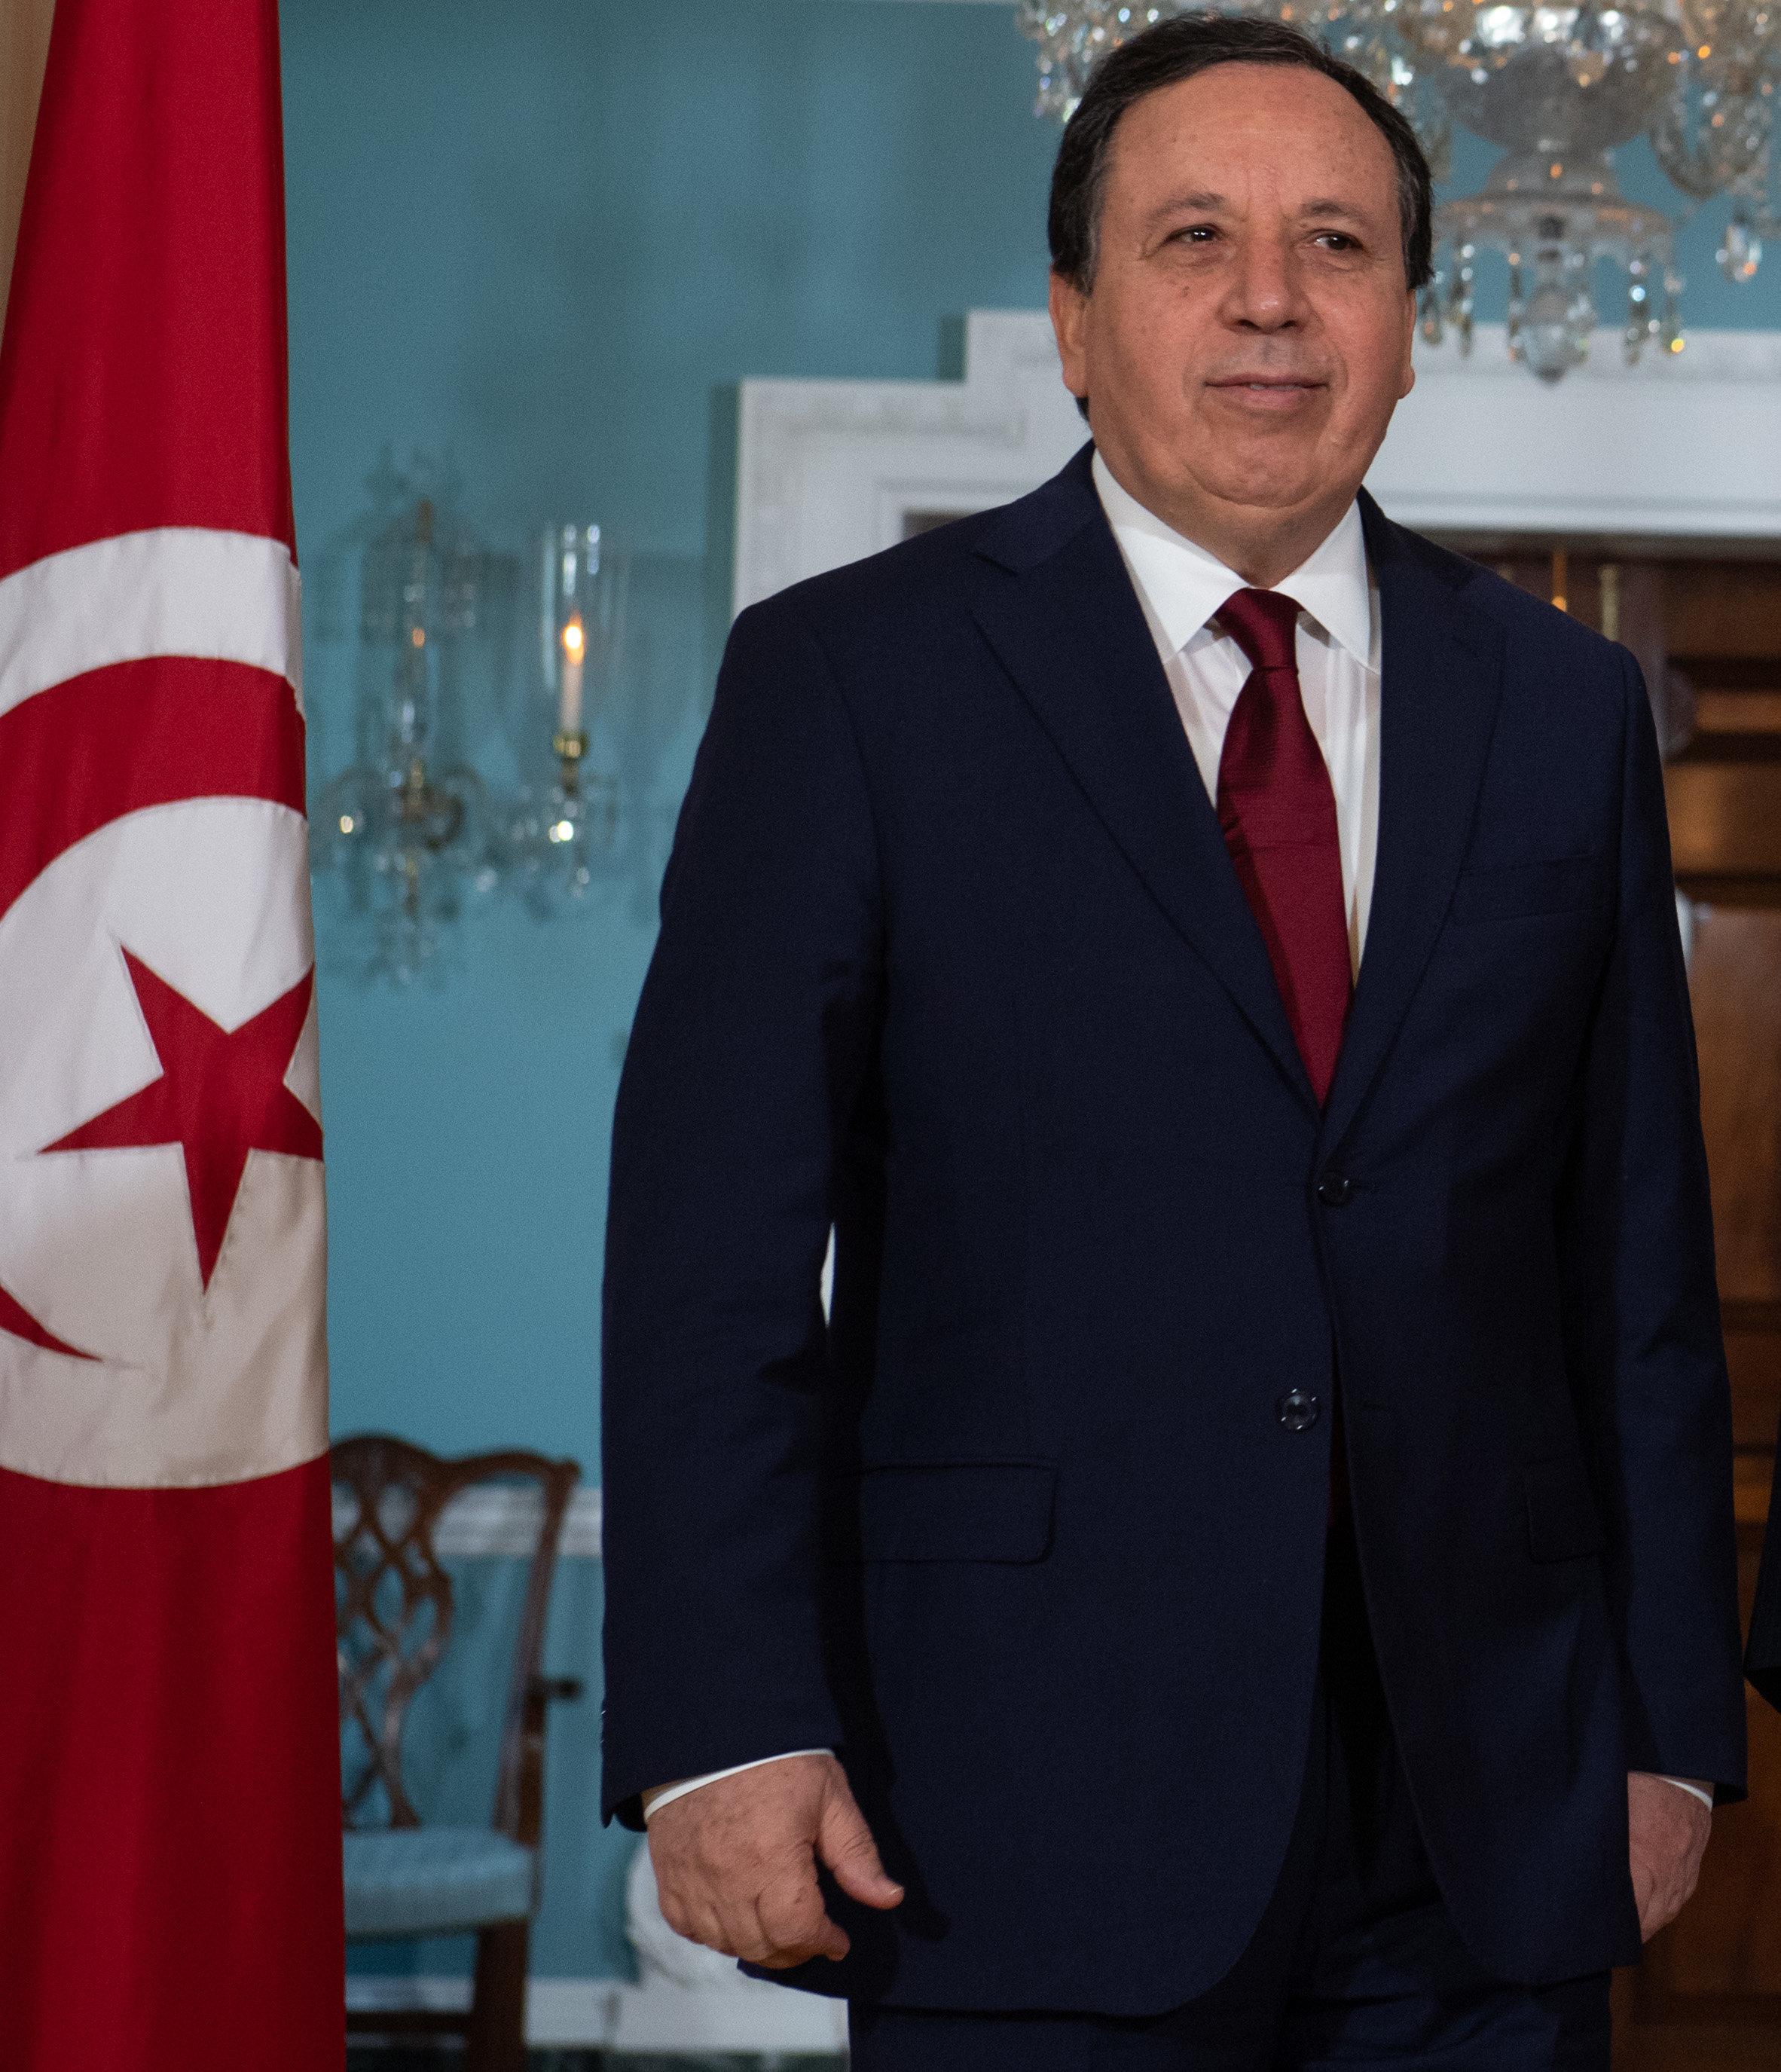 Khemais Jhinaoui au HuffPost Tunisie: Le sommet de 2020 qu'accueillera la Tunisie sera un véritable